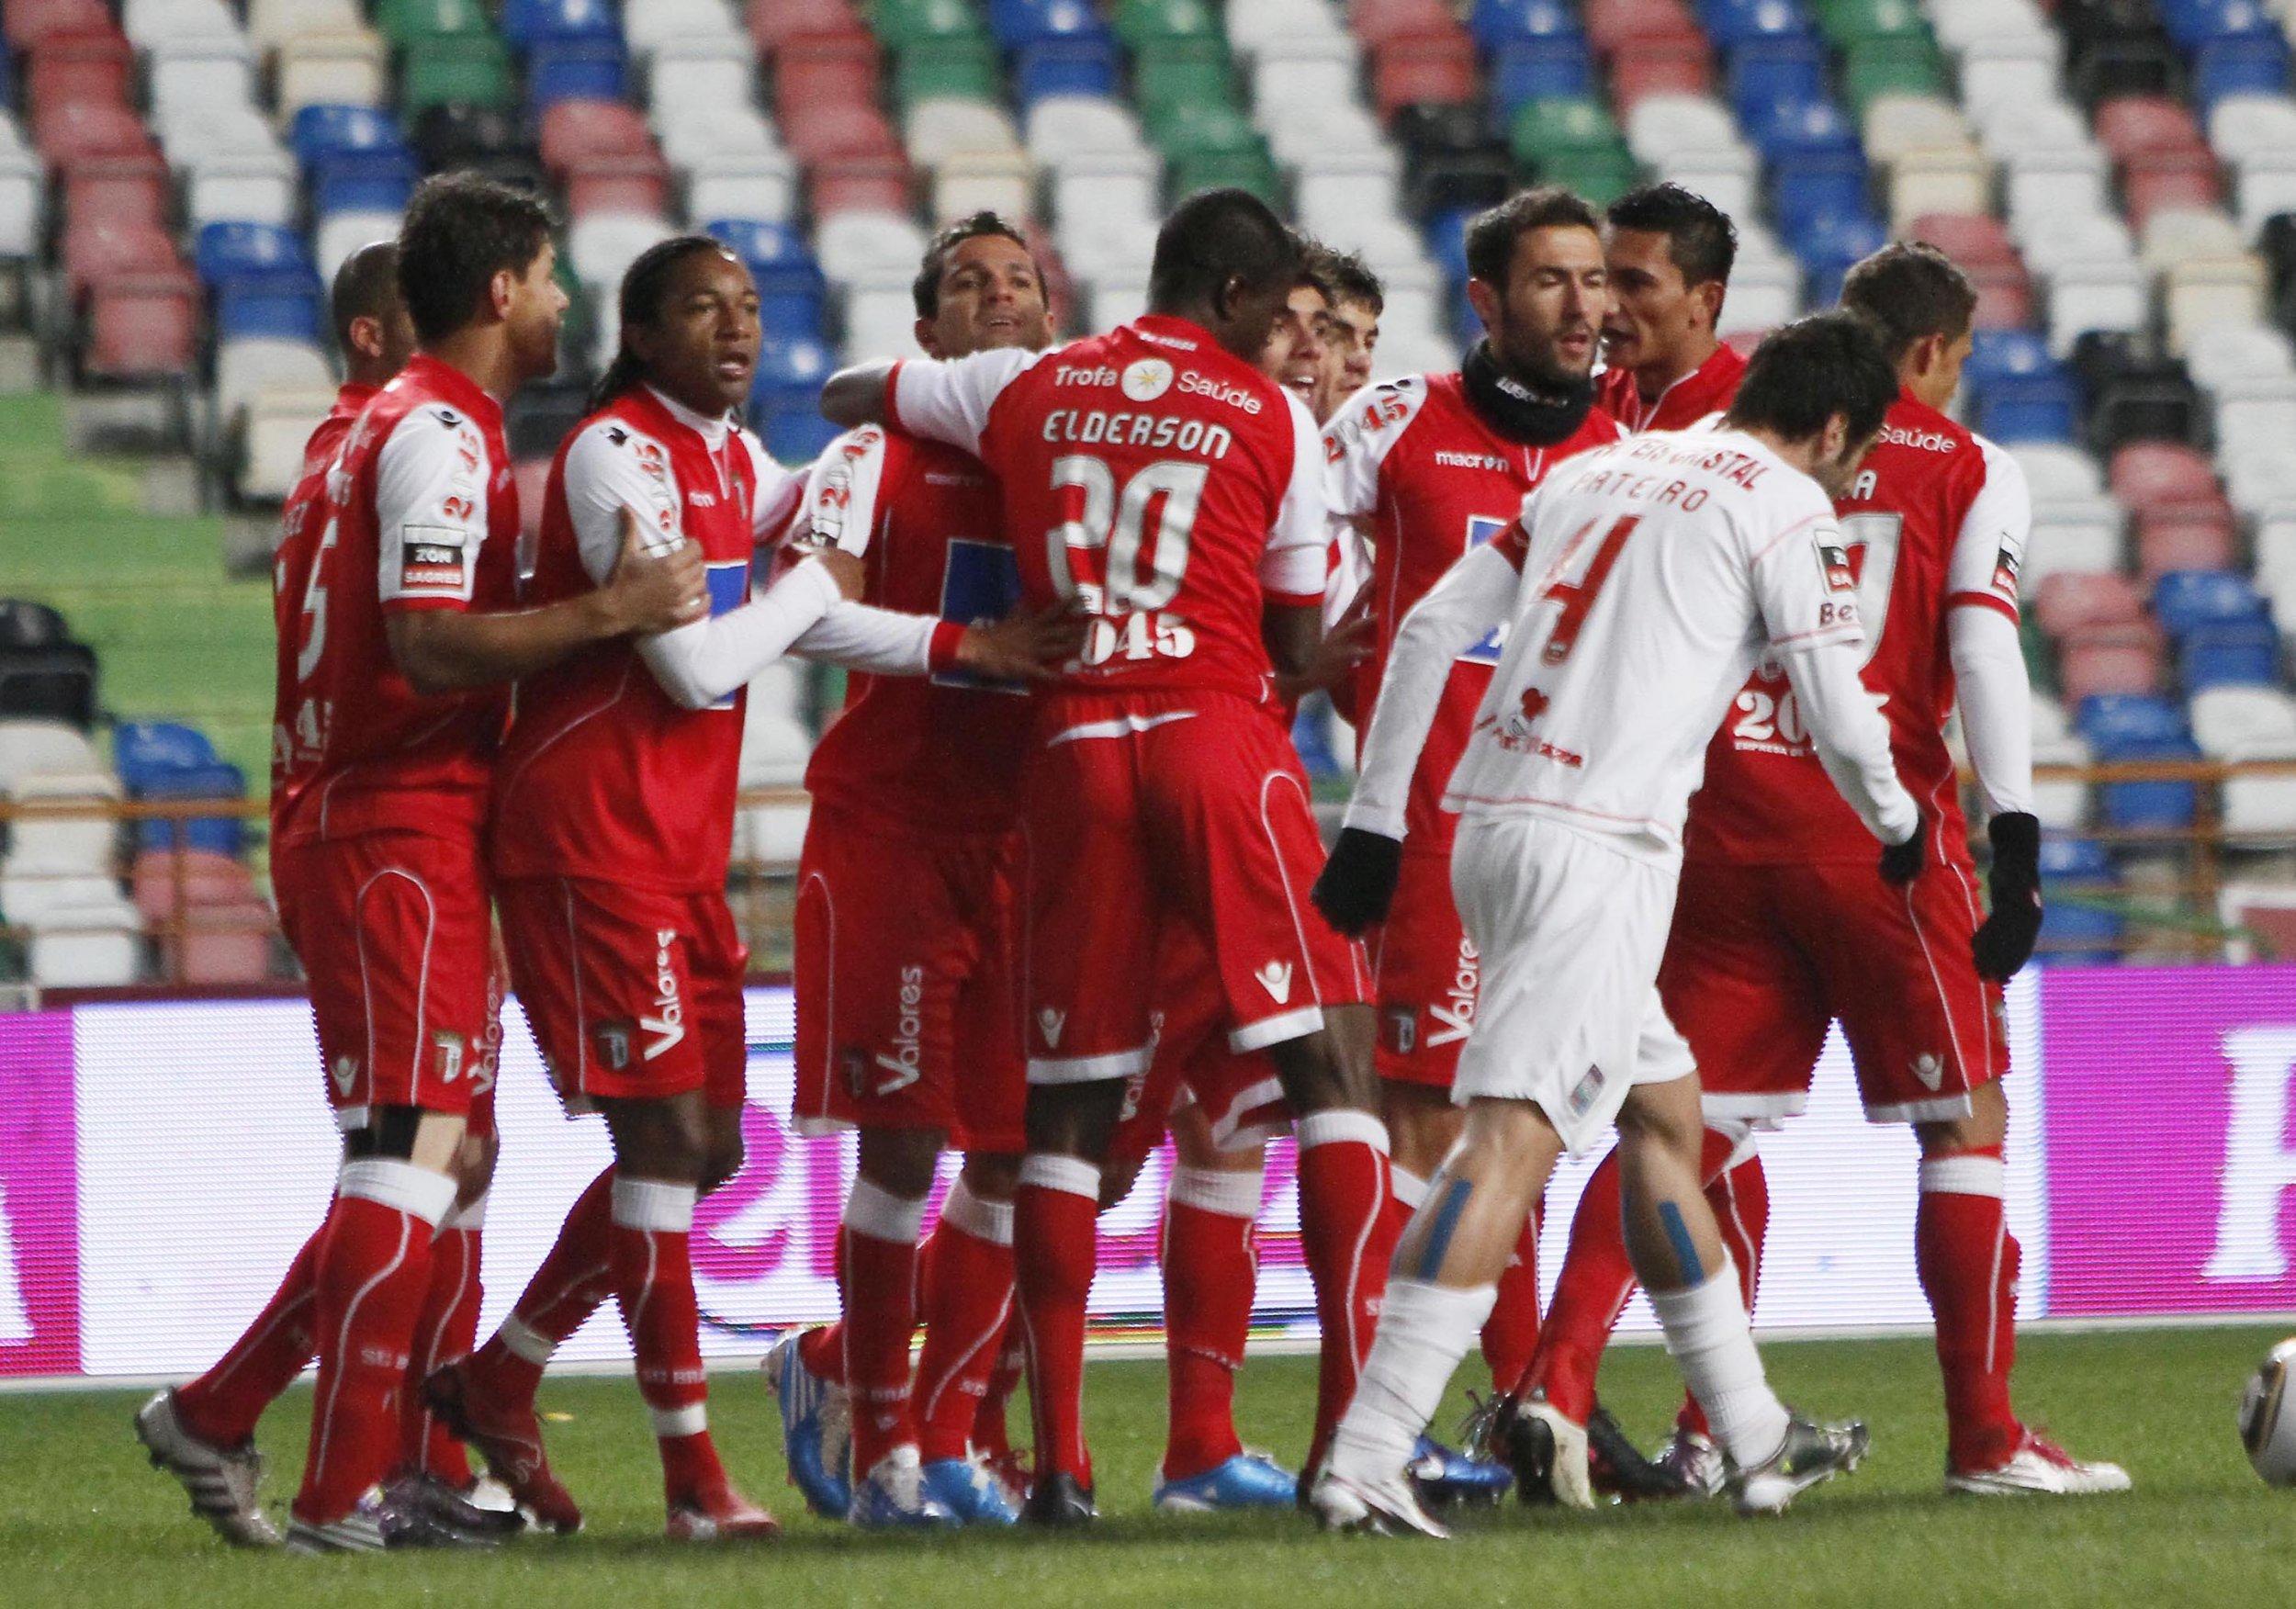 Leiria and Braga players